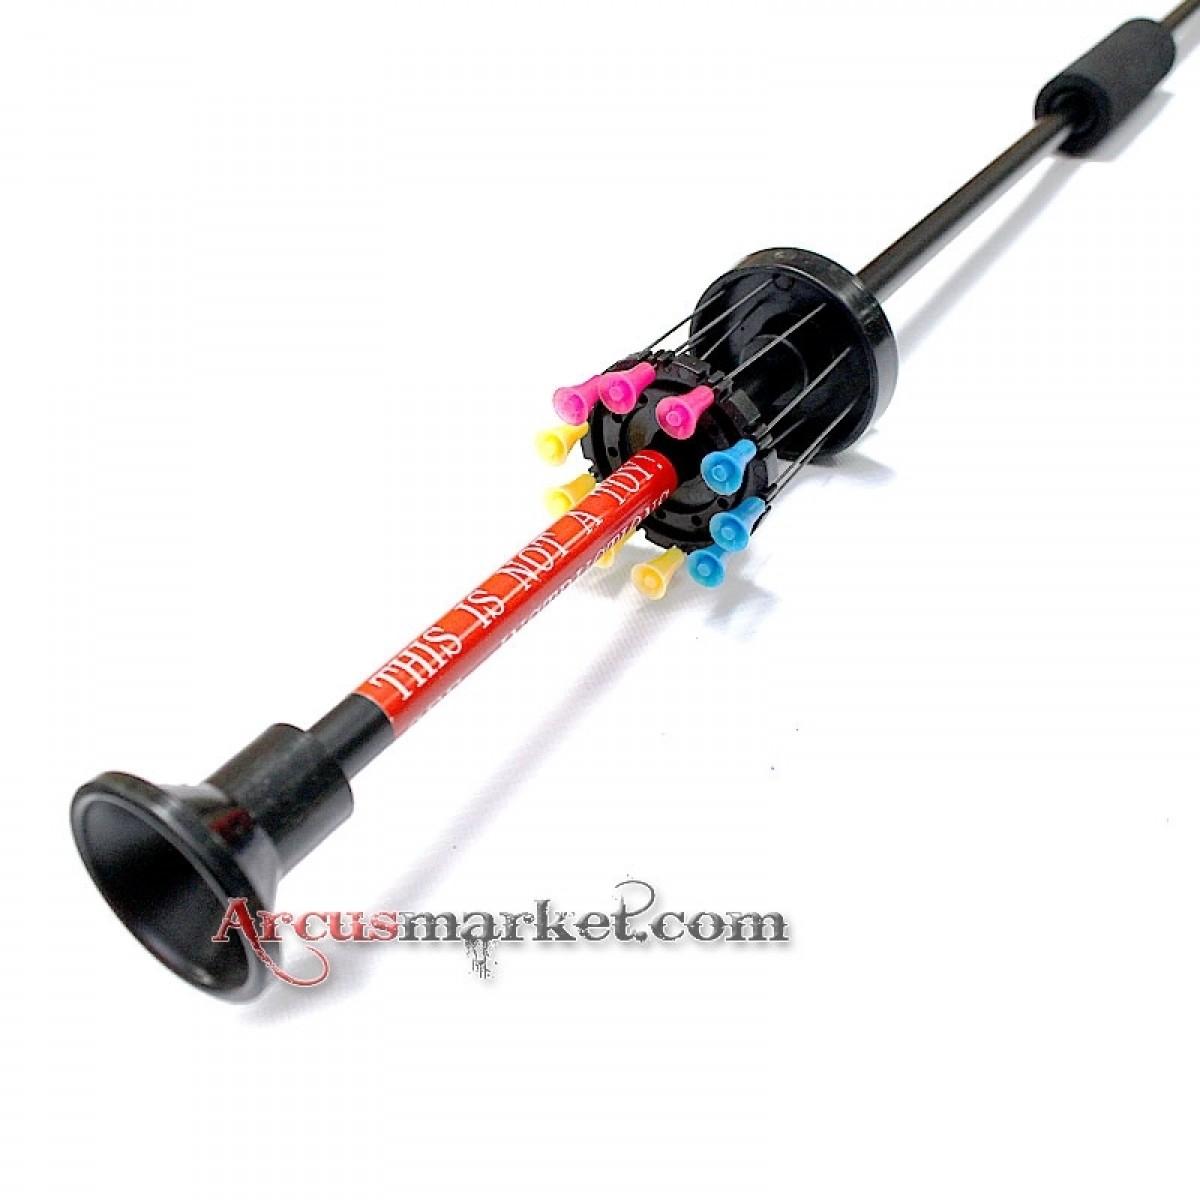 Духовая трубка MK-100A-40, алюминий, 100см